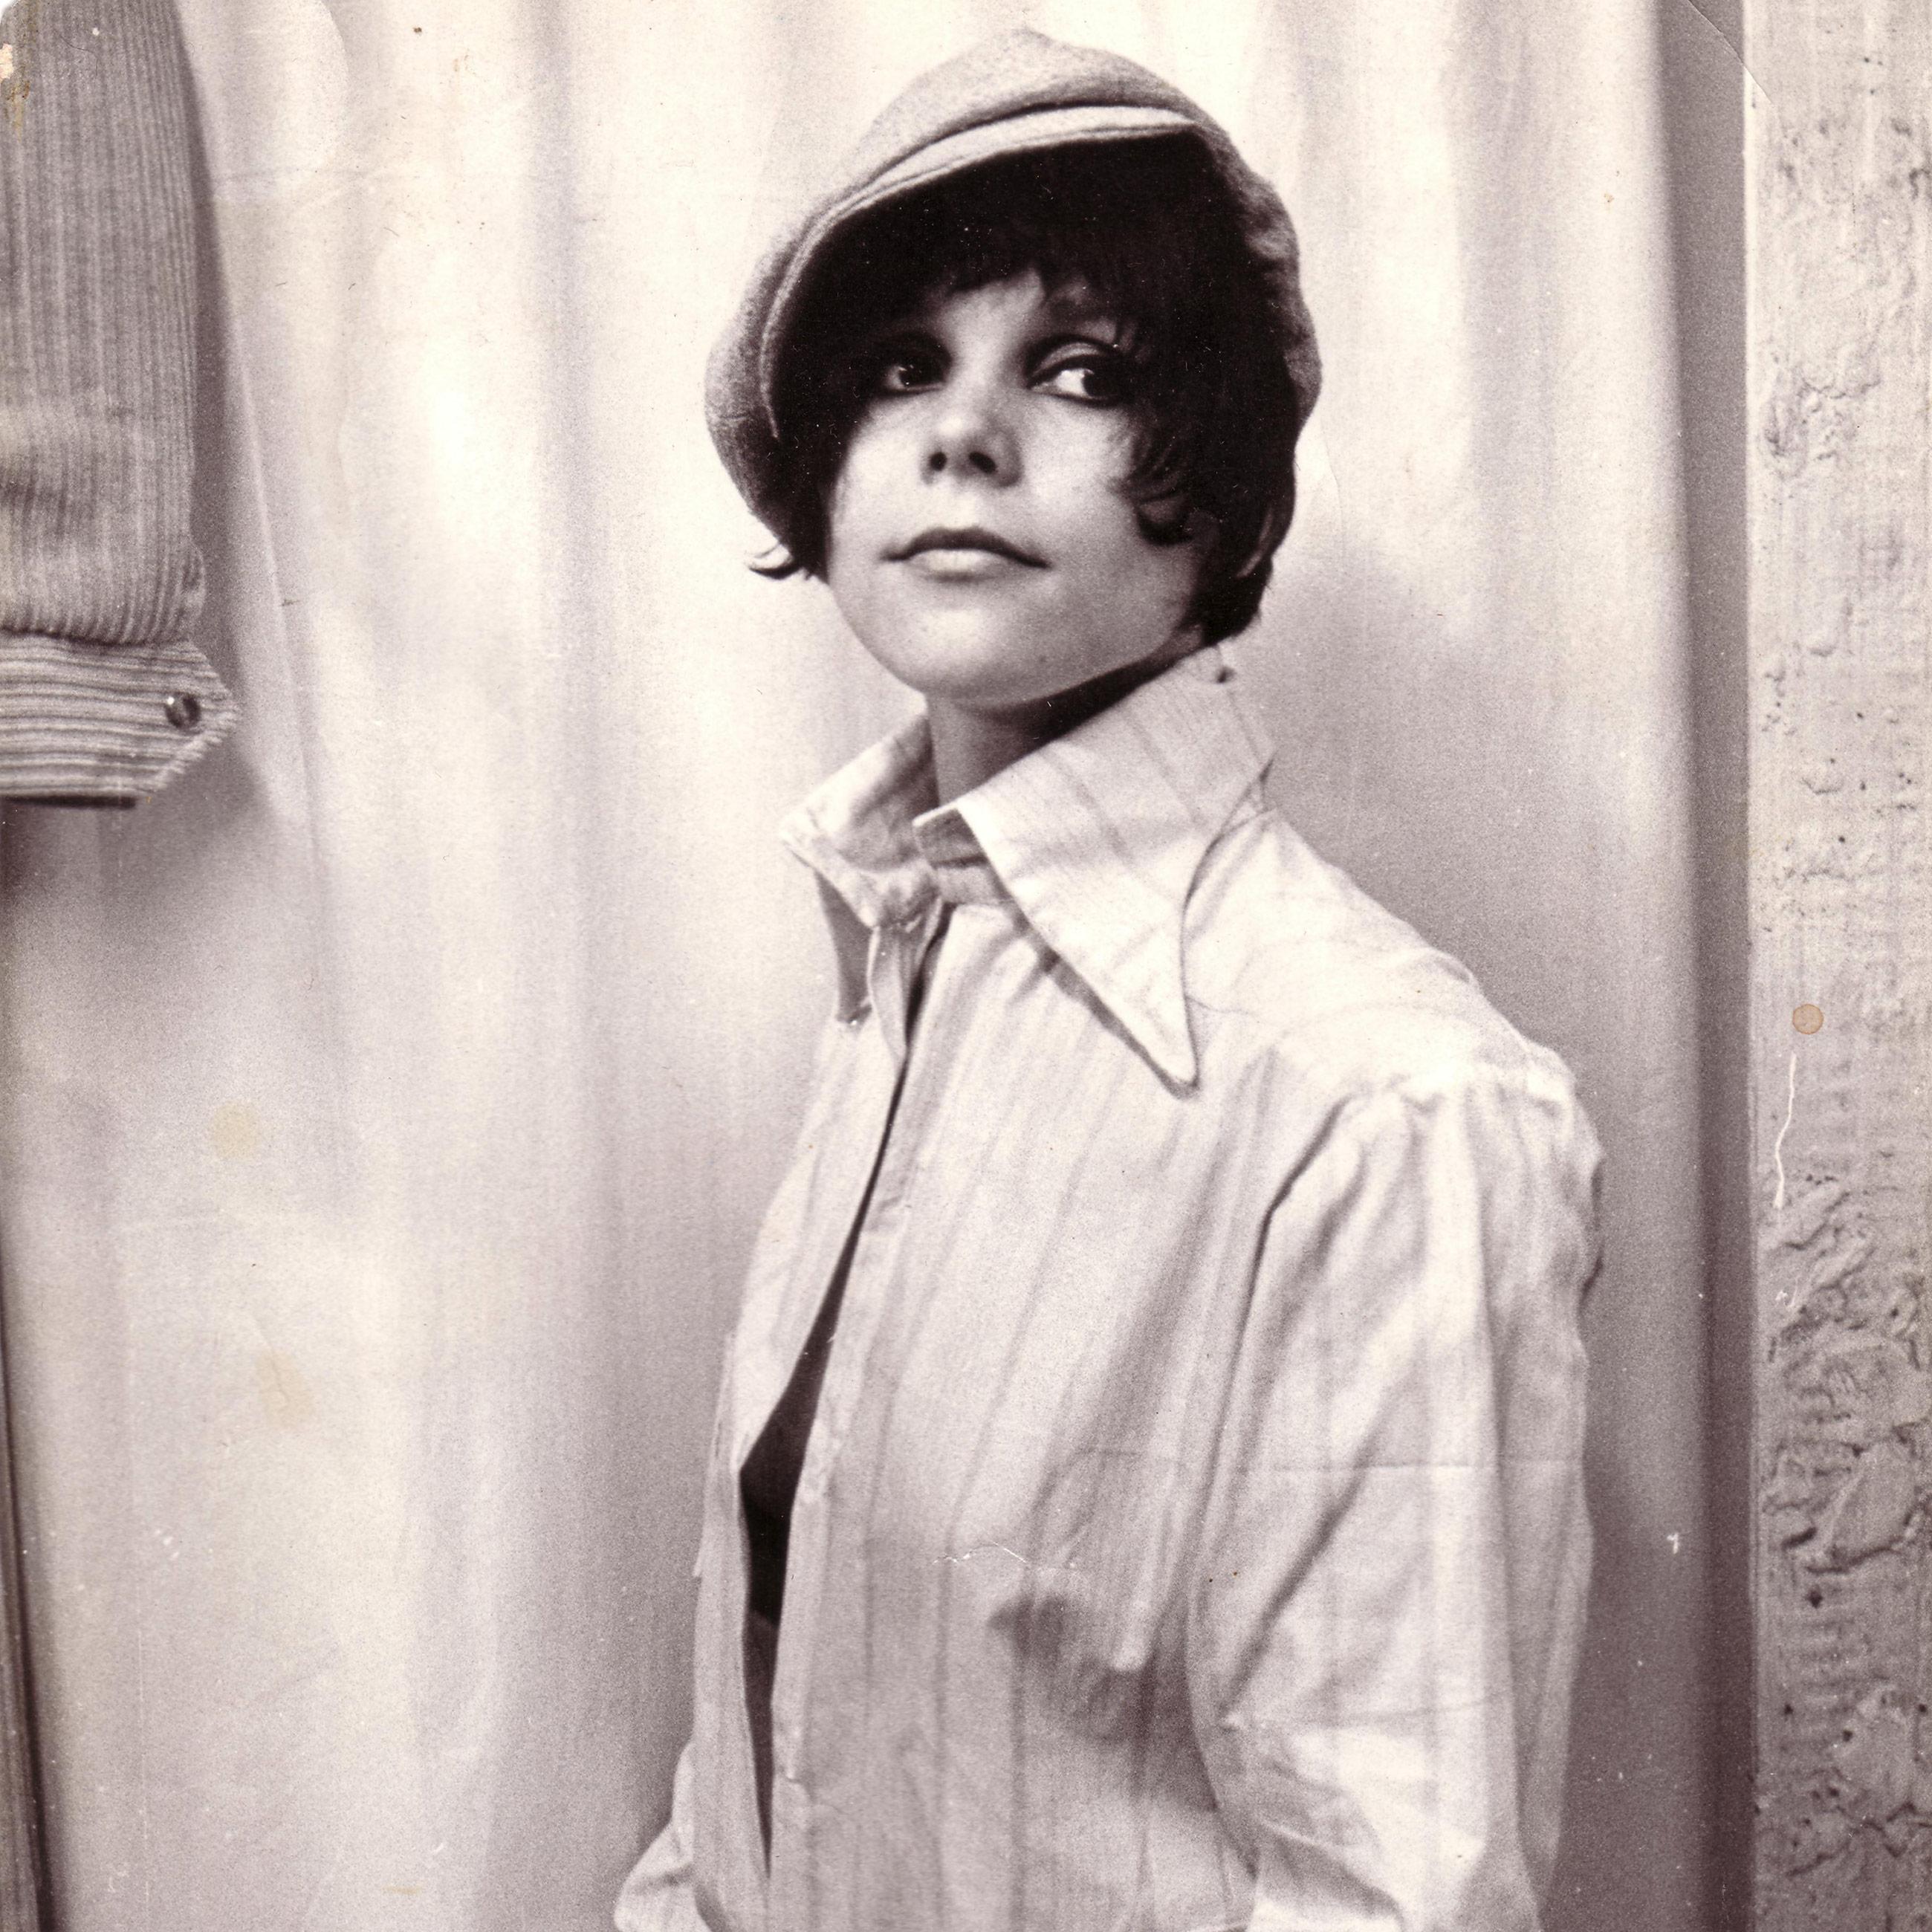 Foto der Cannabislegende Mila Jansen, das im Jahr 1967 aufgenommen wurde. Mila trägt einen für damalige Verhältnisse modernen Kurzhaarshirt, Hut und ein Männershirt.